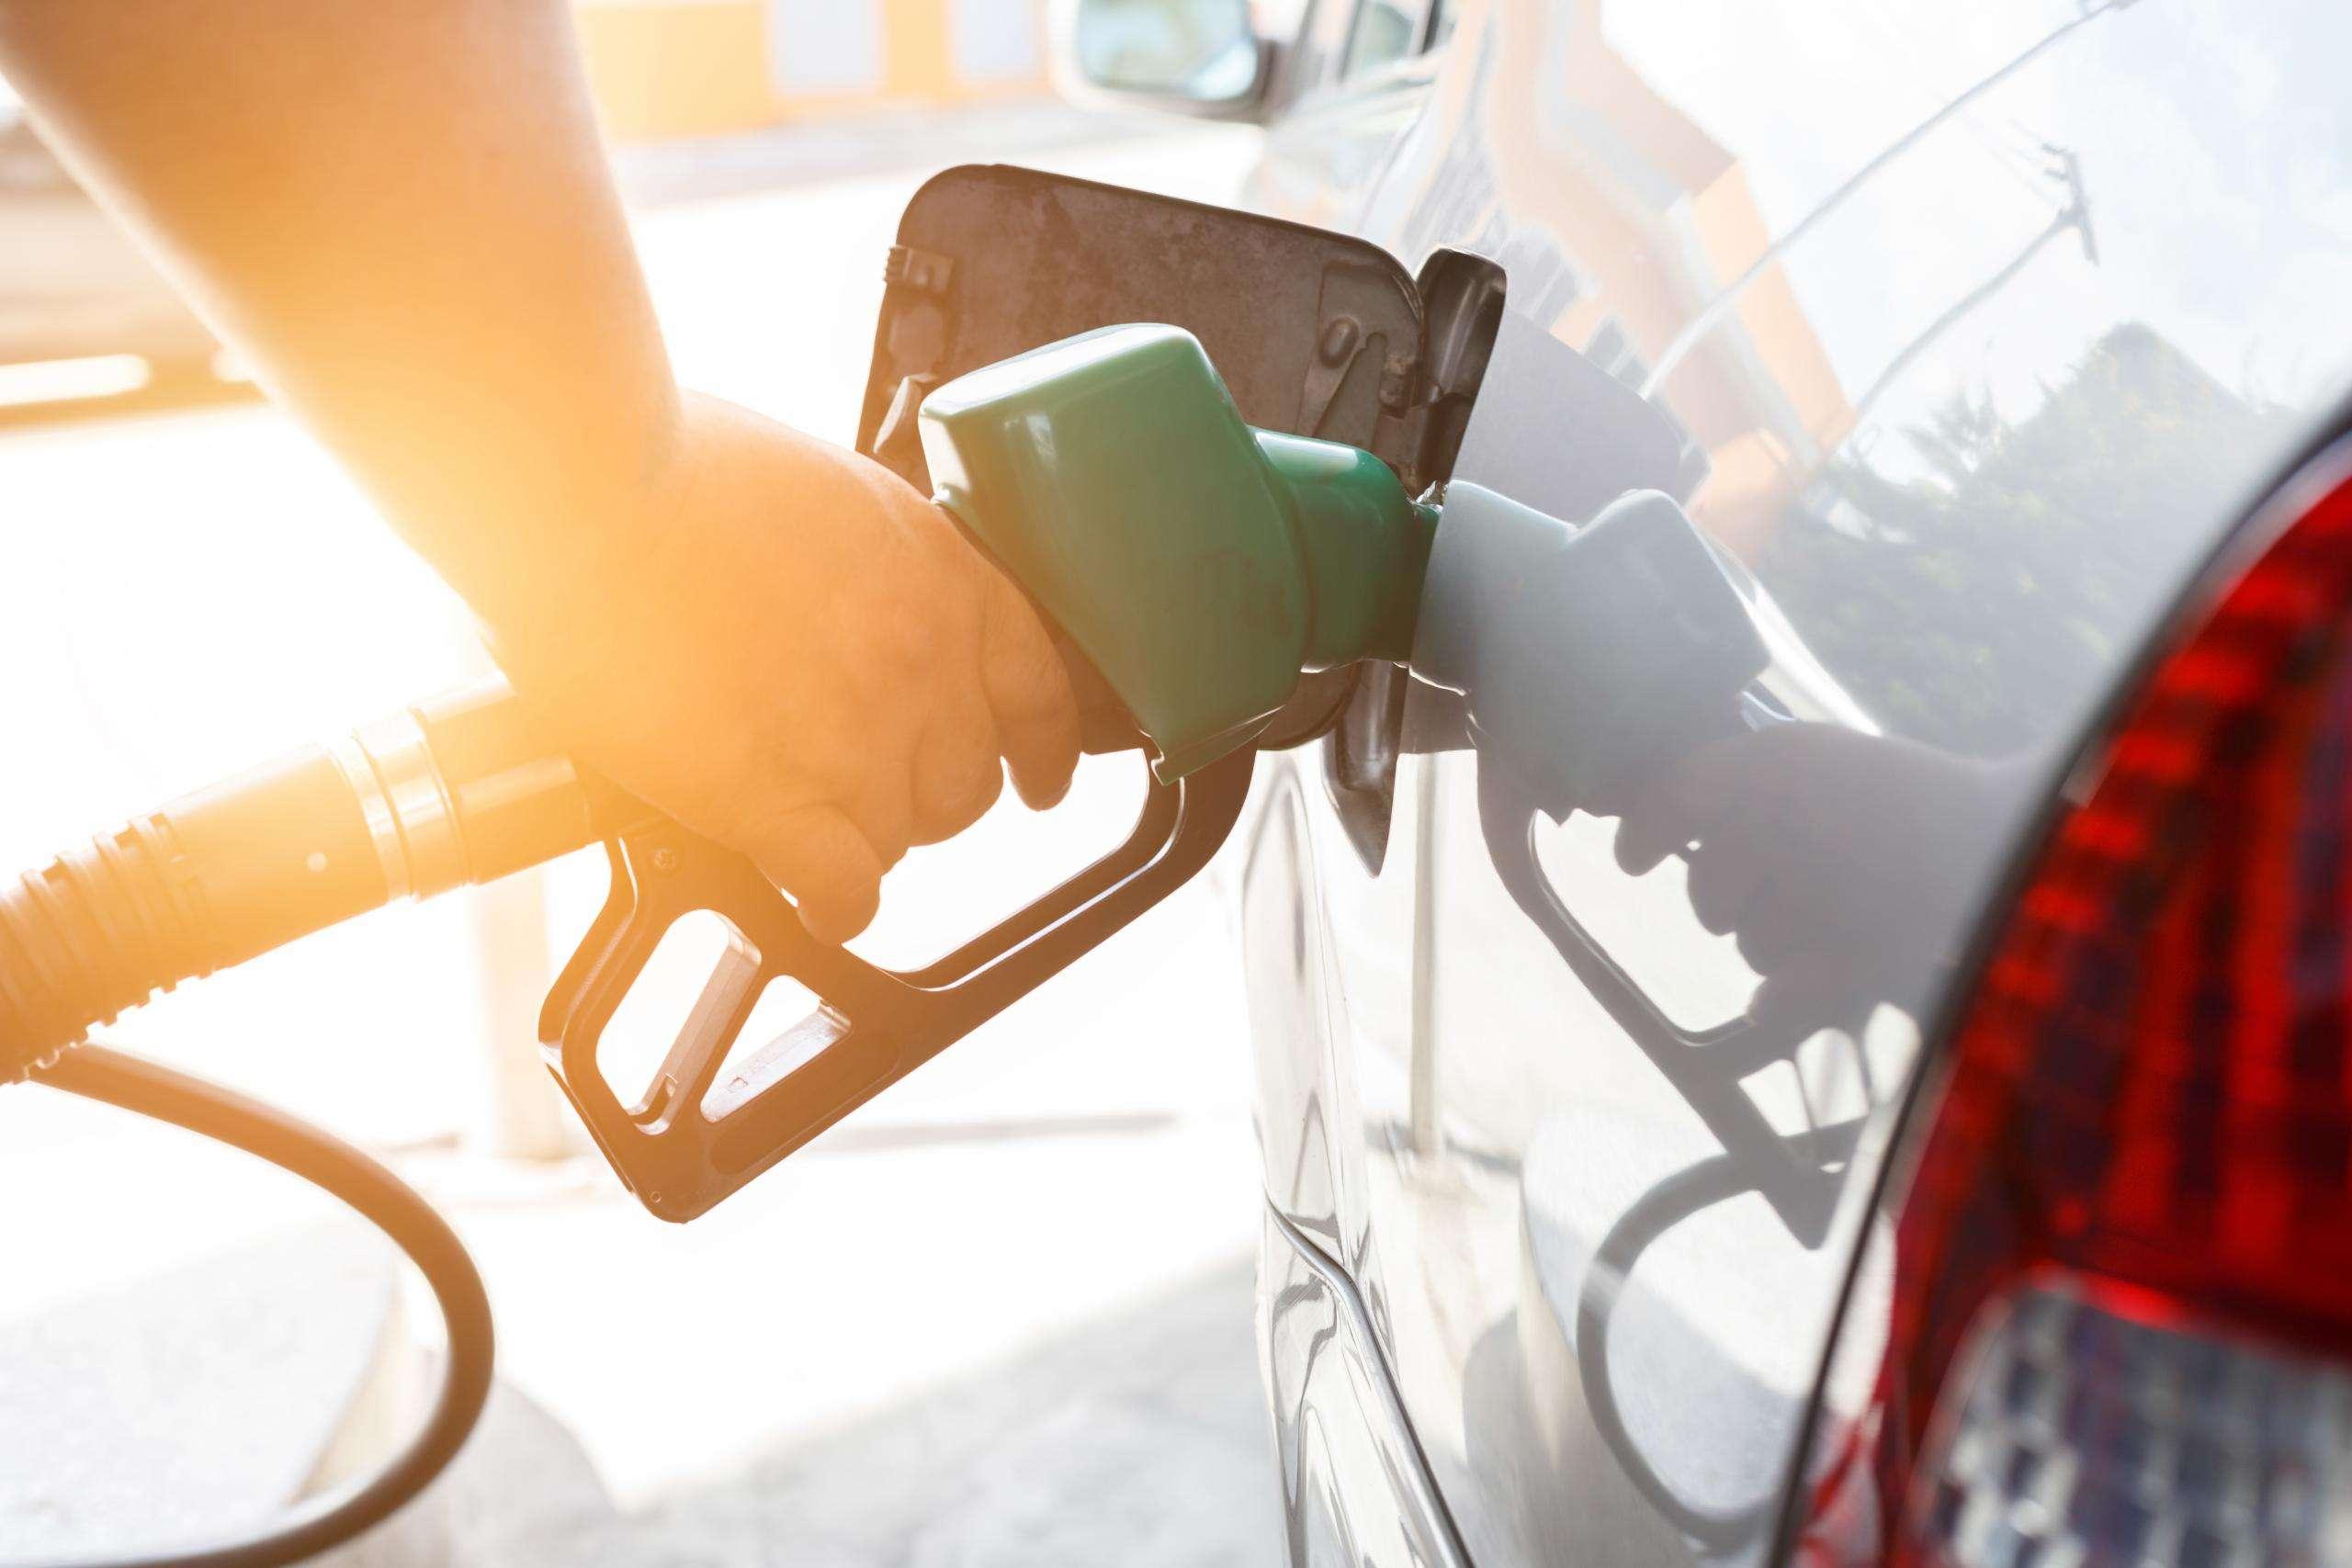 Khủng hoảng nhiên liệu ở Vương quốc Anh đe dọa tấn công các doanh nghiệp vừa và nhỏ